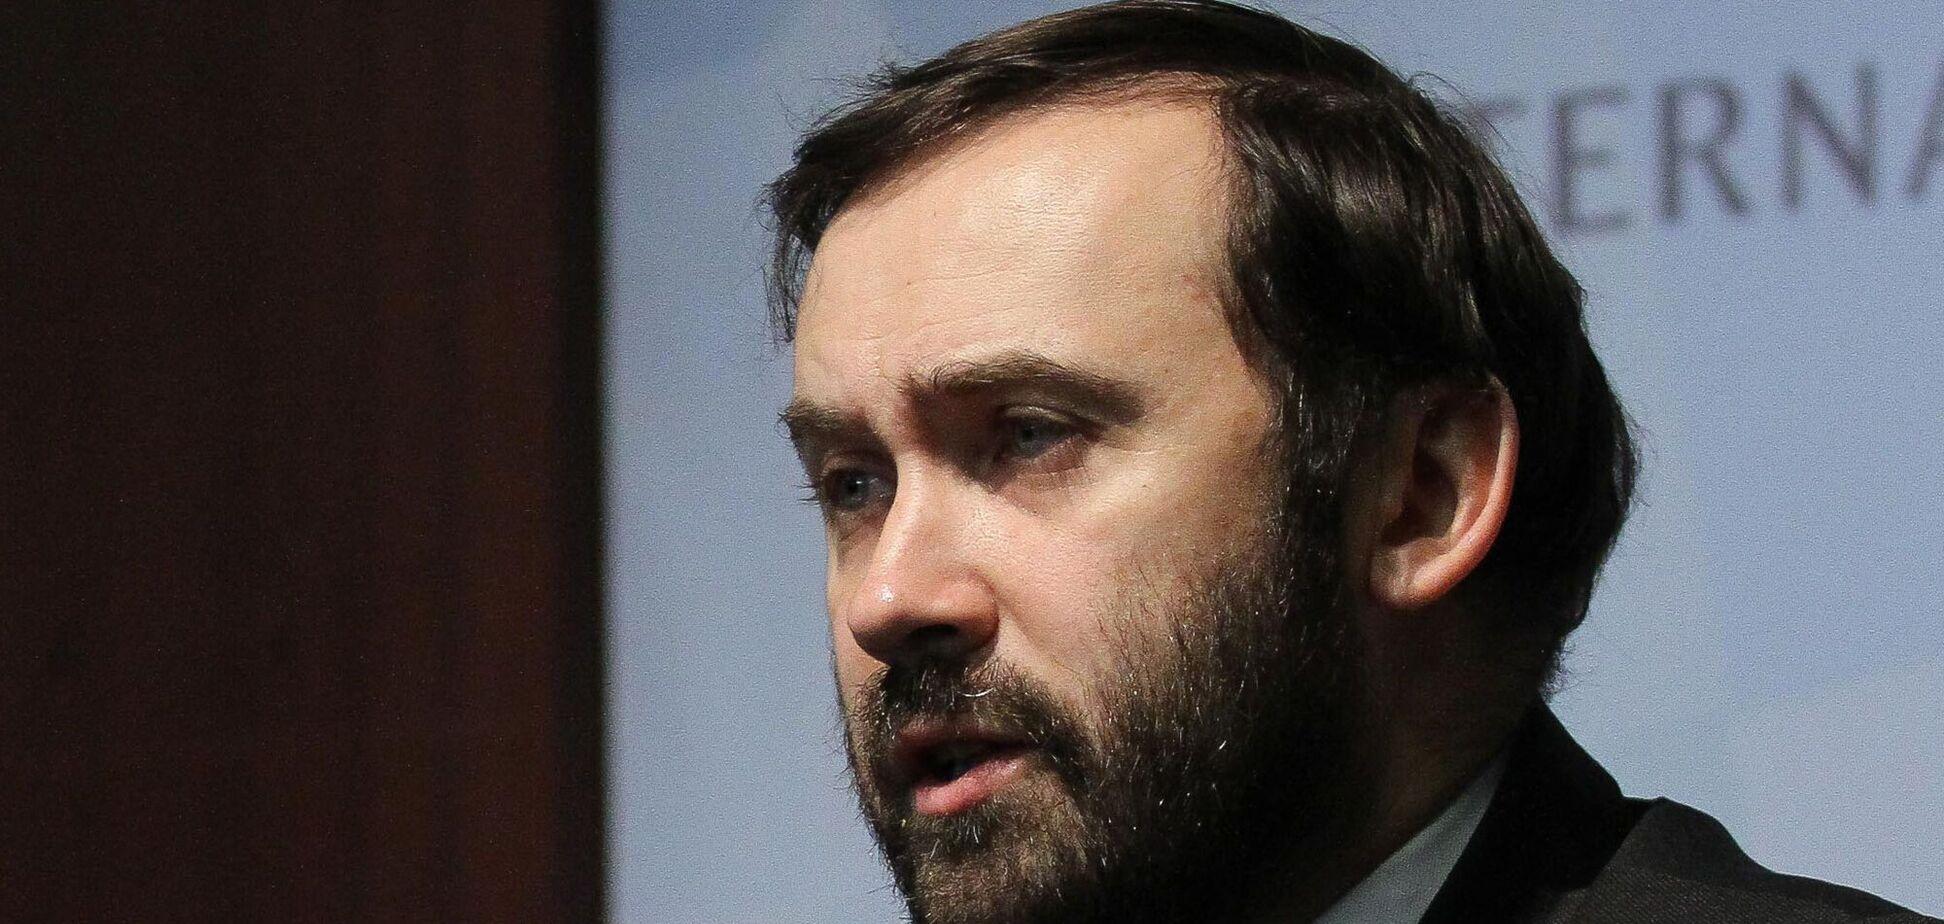 Ексчиновник пропонував хабар за те, що ми не будемо інвестувати в Україну, – Пономарьов